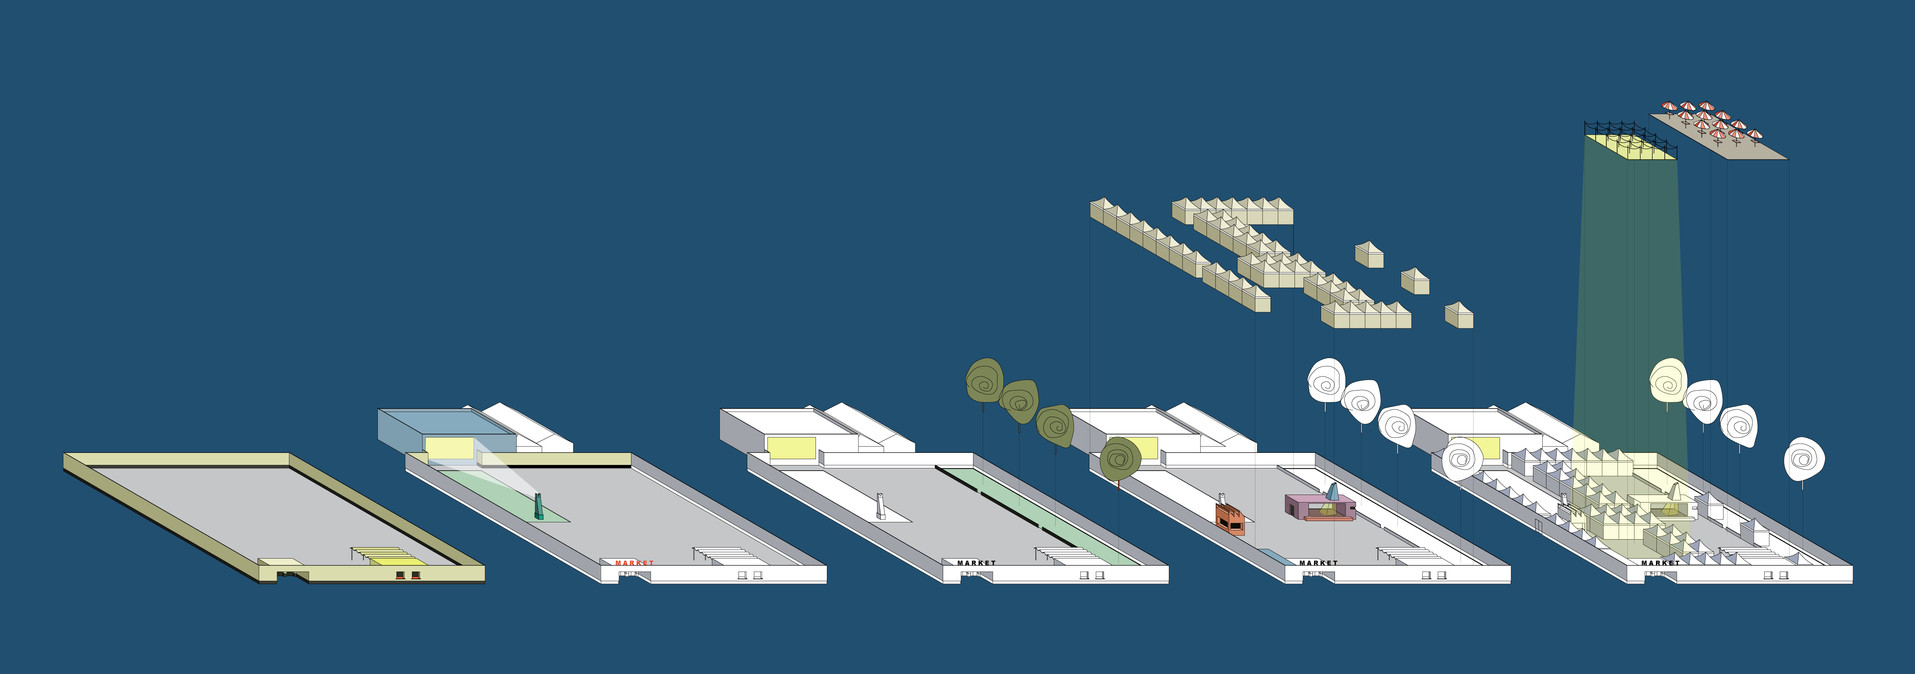 16-51 EDGEWATER MARKET respublica diagram